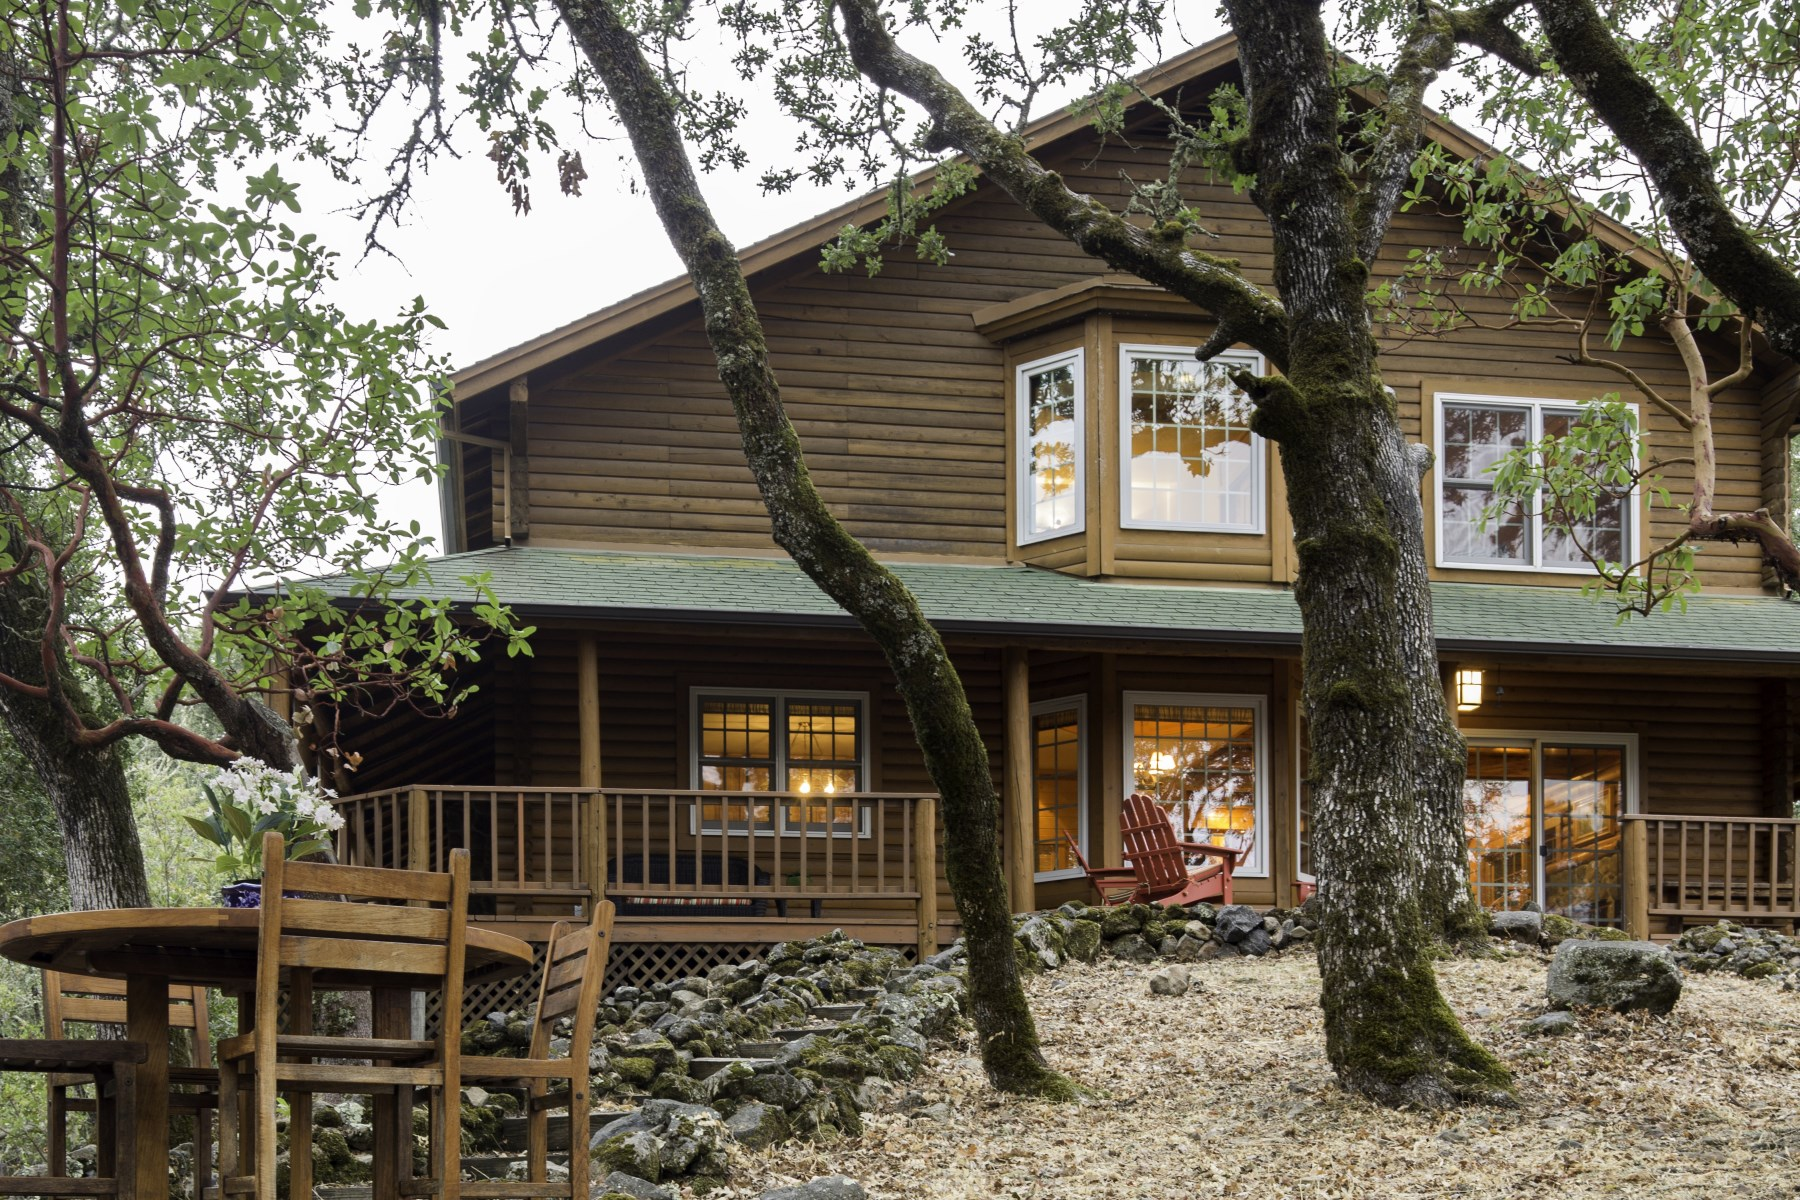 단독 가정 주택 용 매매 에 Secluded In-Town Glen Ellen Charmer 1263 Chauvet Rd Glen Ellen, 캘리포니아, 95442 미국